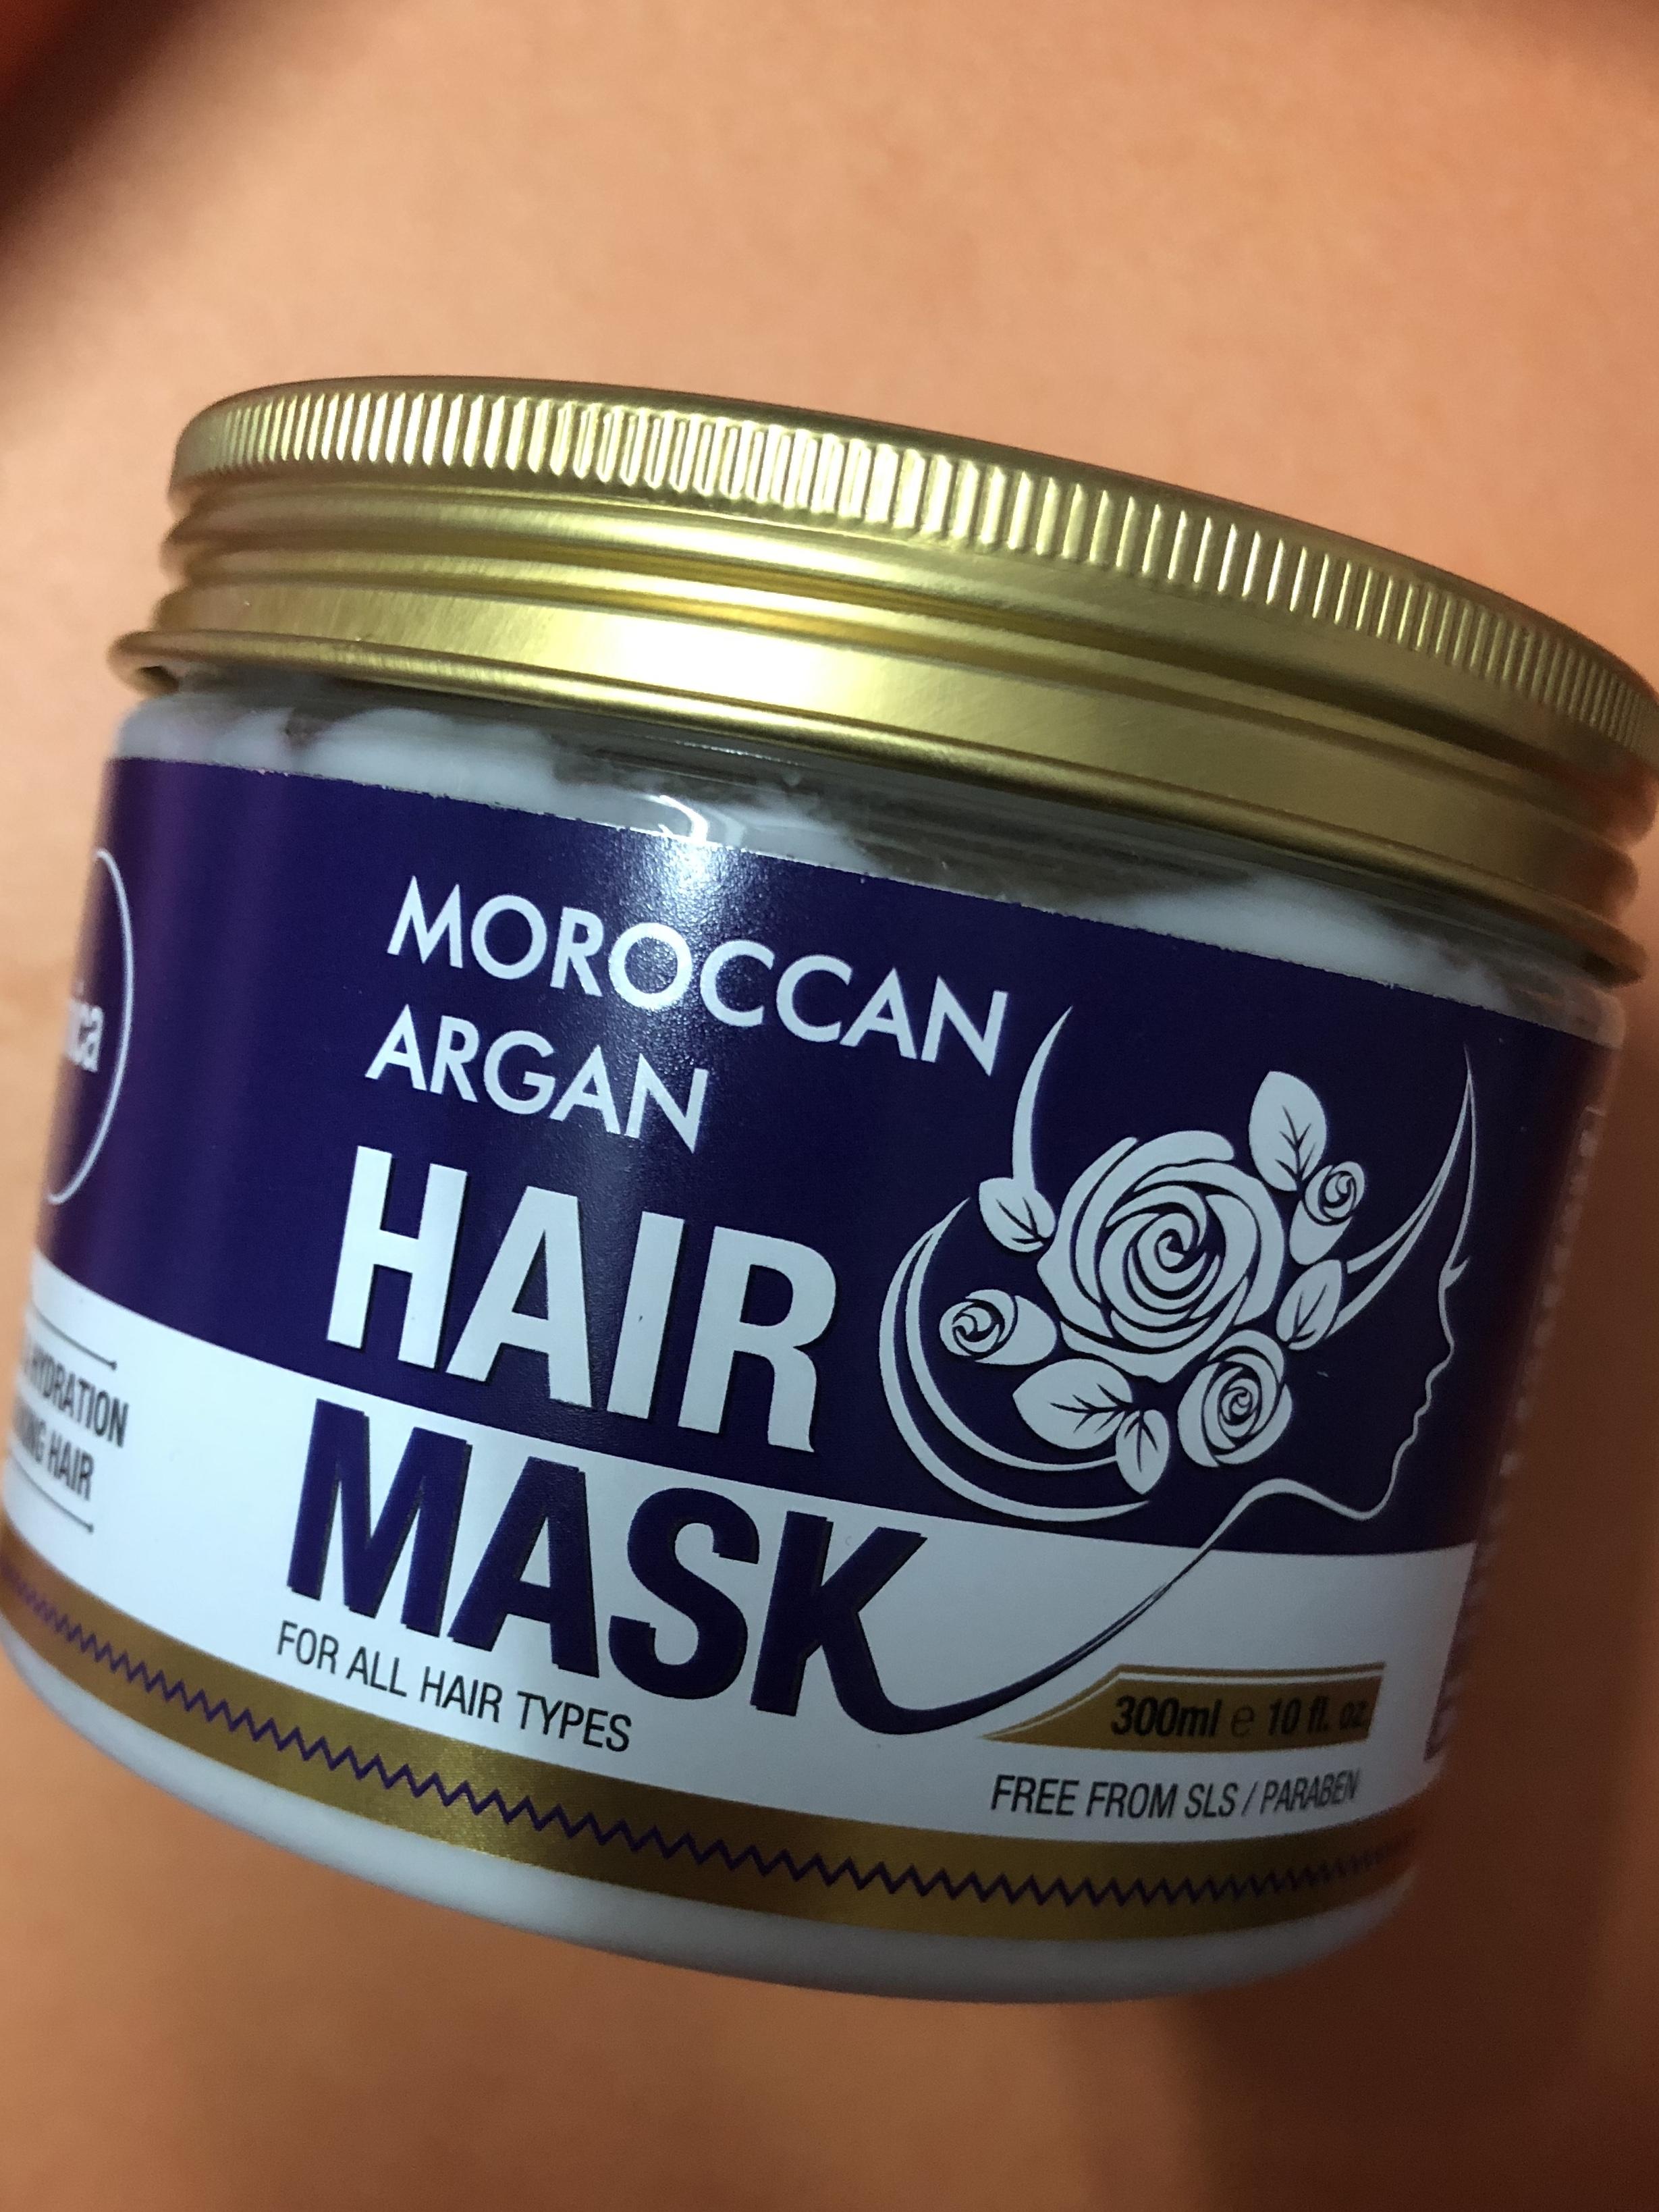 St.Botanica Moroccan Argan Hair Mask-Amazing Hair Mask-By ramanmakeovers-1